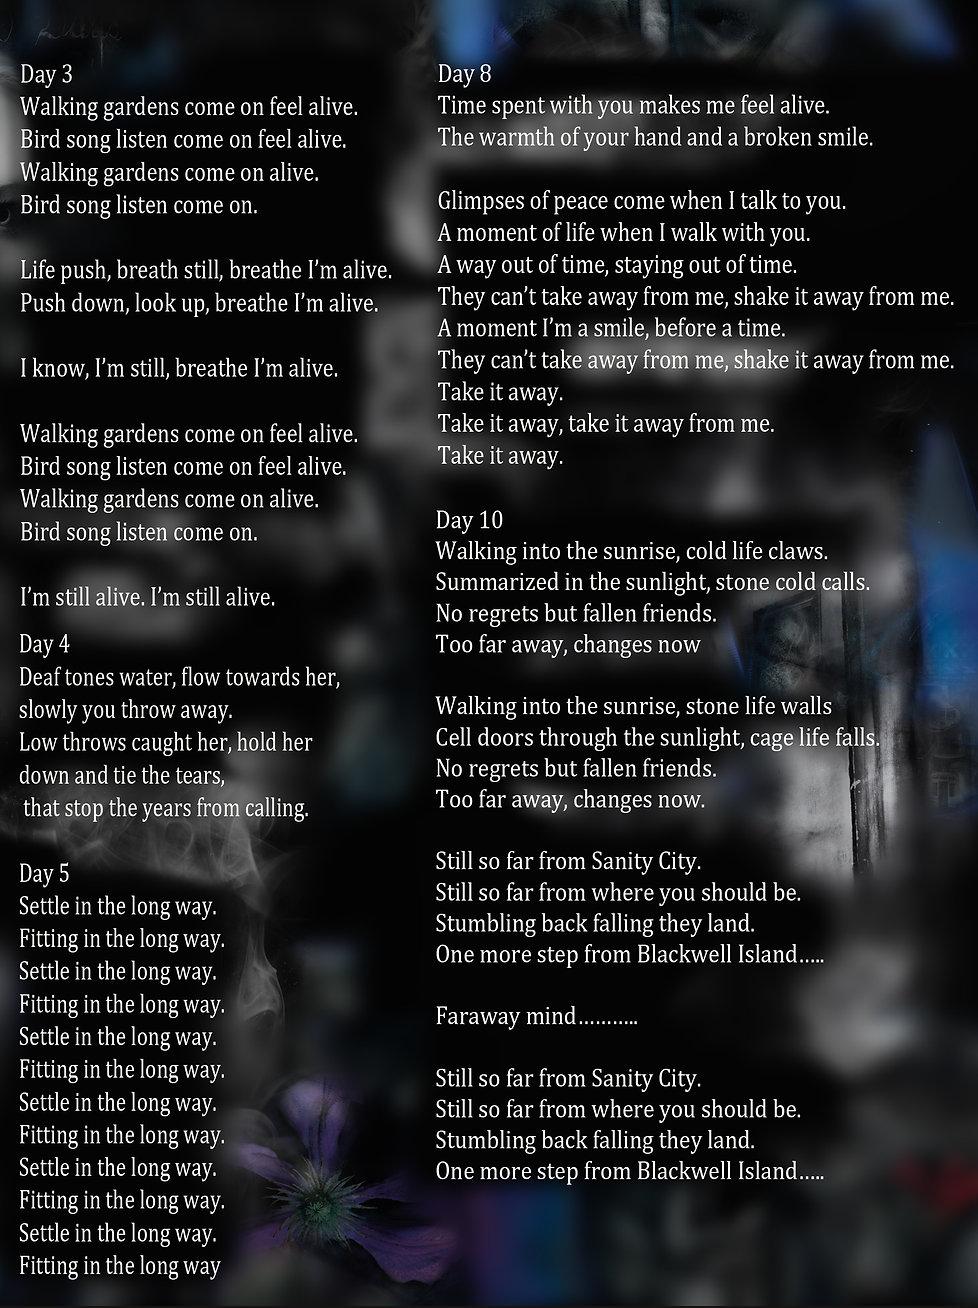 Lyrics2_p1.jpg